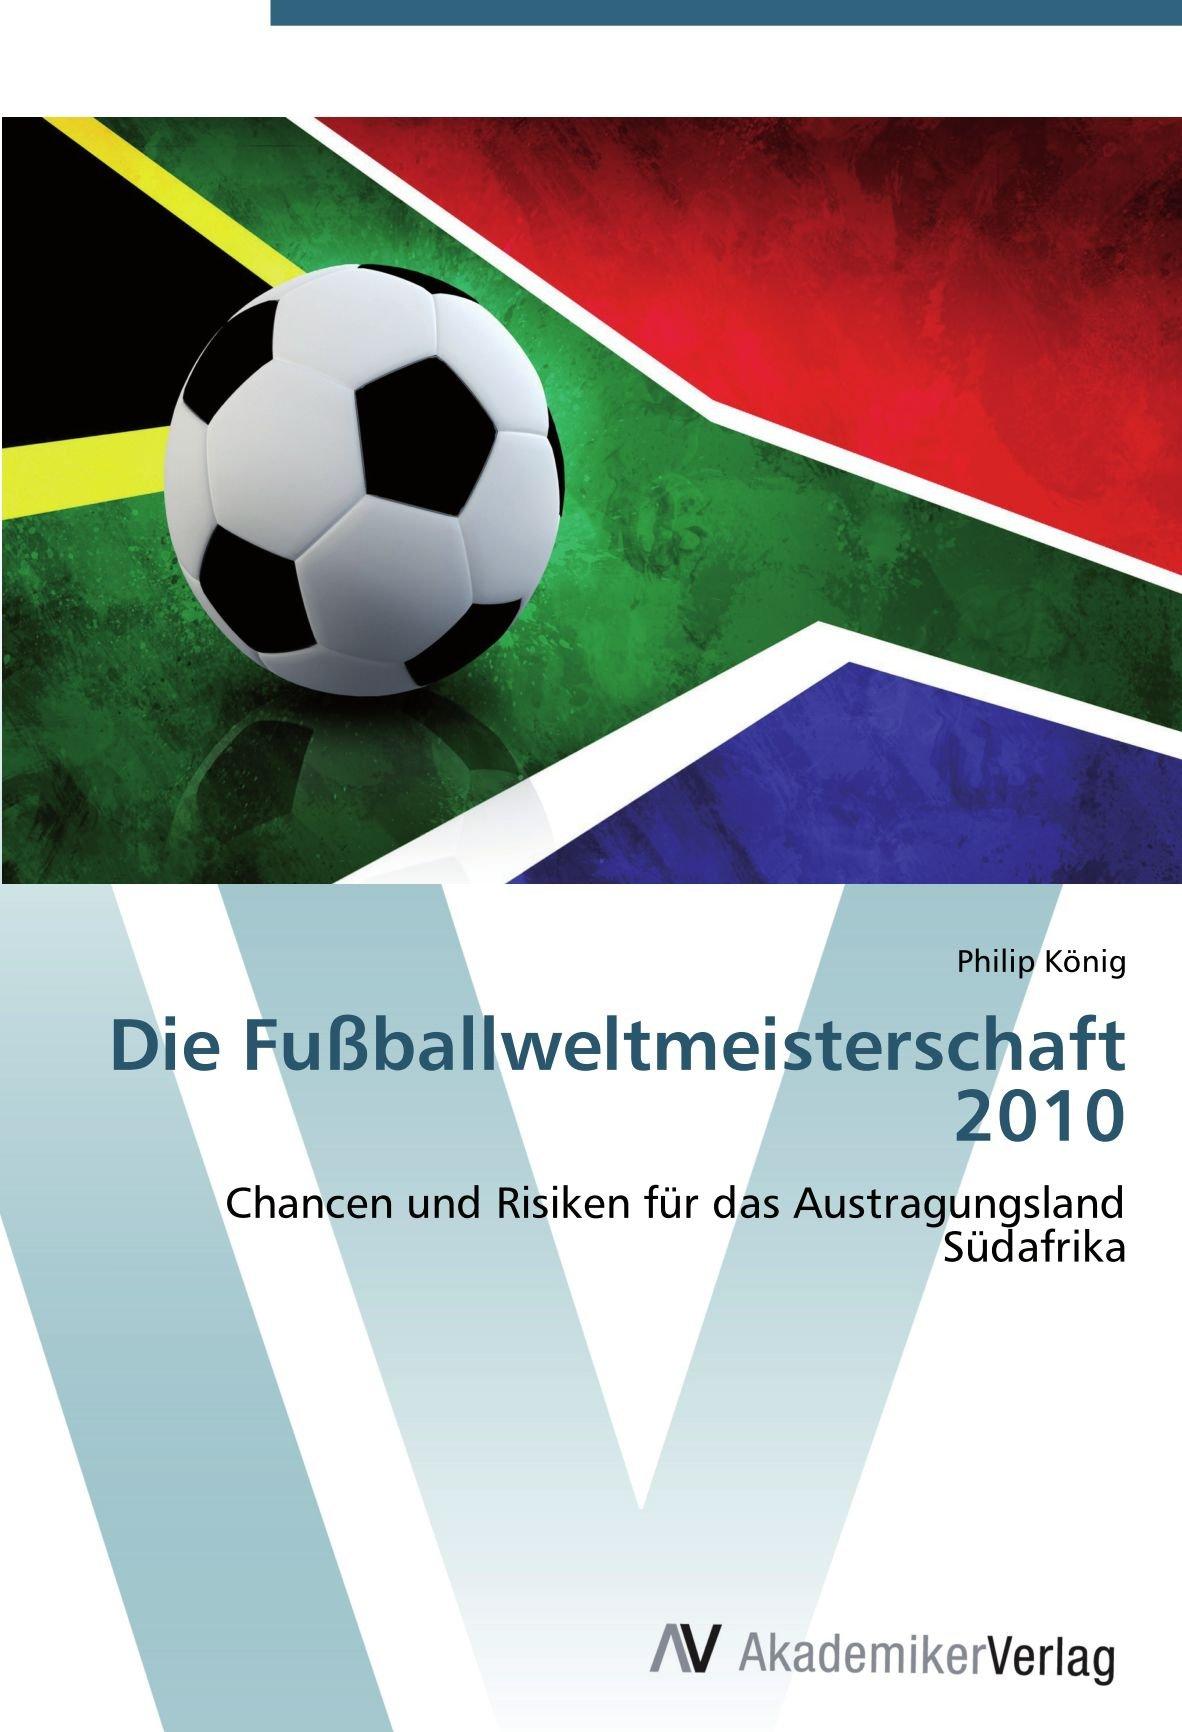 Die Fußballweltmeisterschaft 2010: Chancen und Risiken für das Austragungsland Südafrika